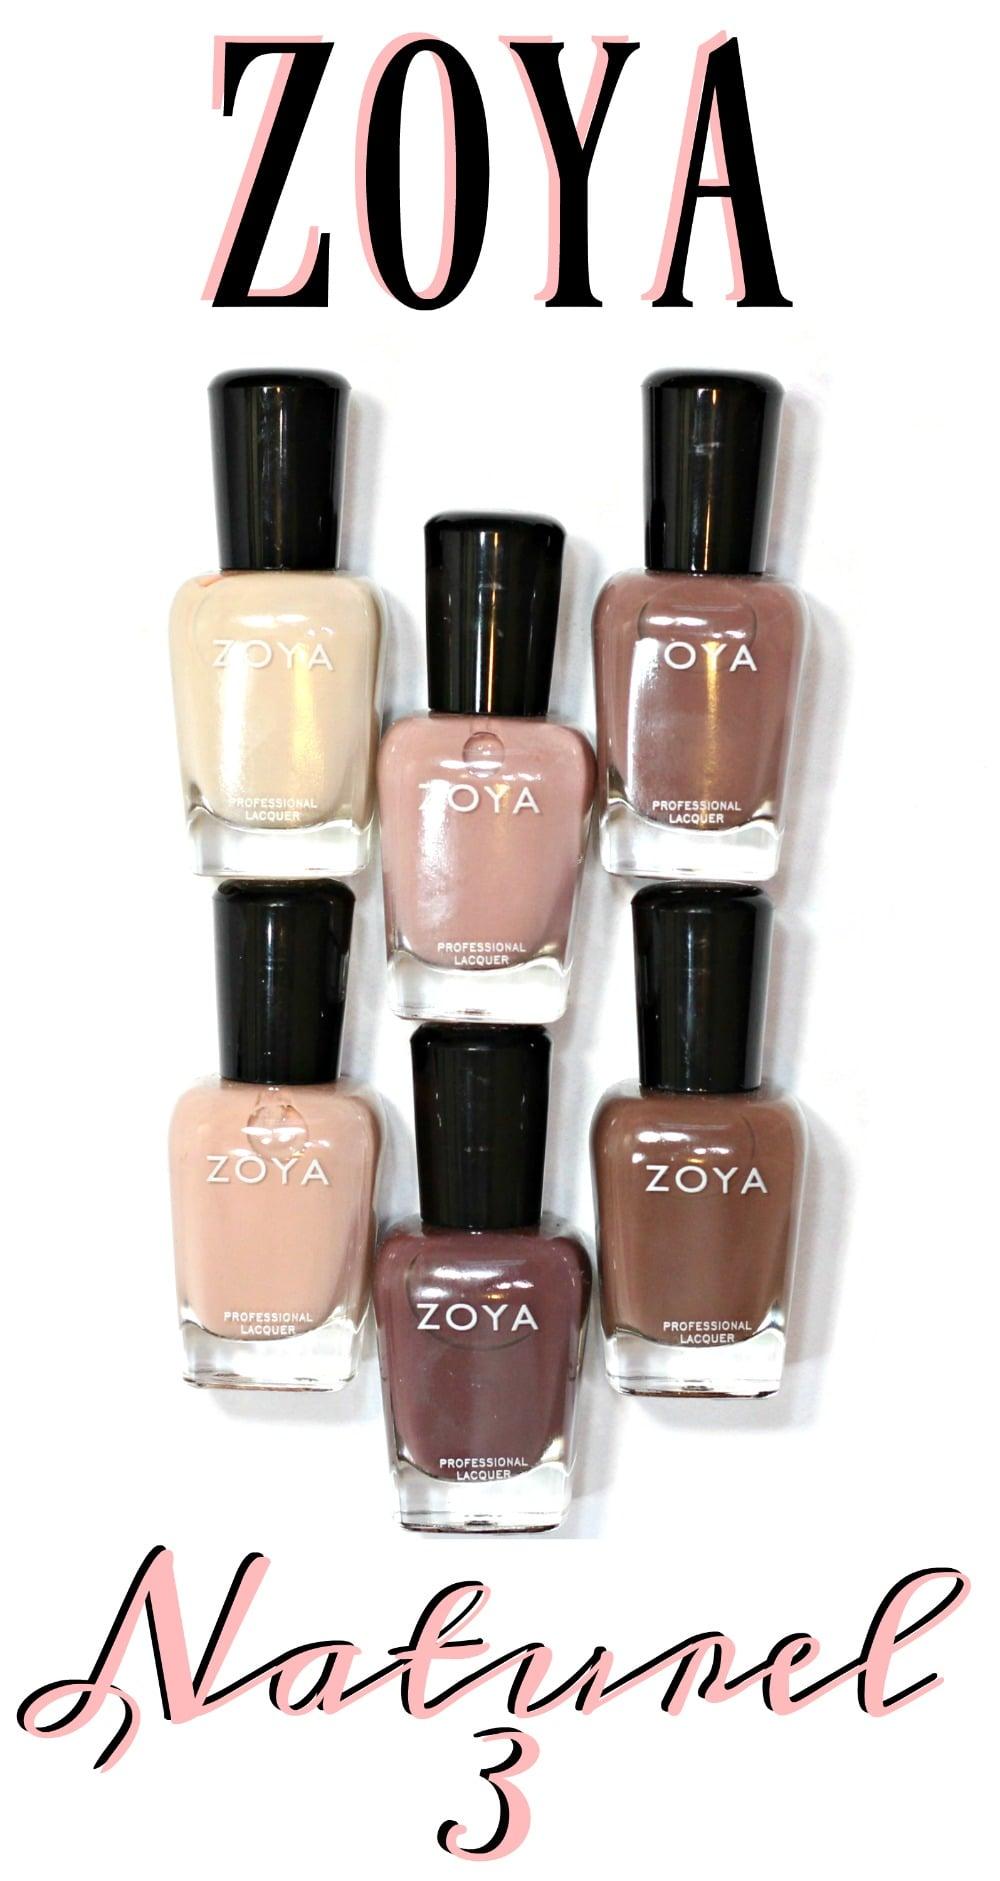 Zoya Naturel3 Nail Polish Swatches + Review